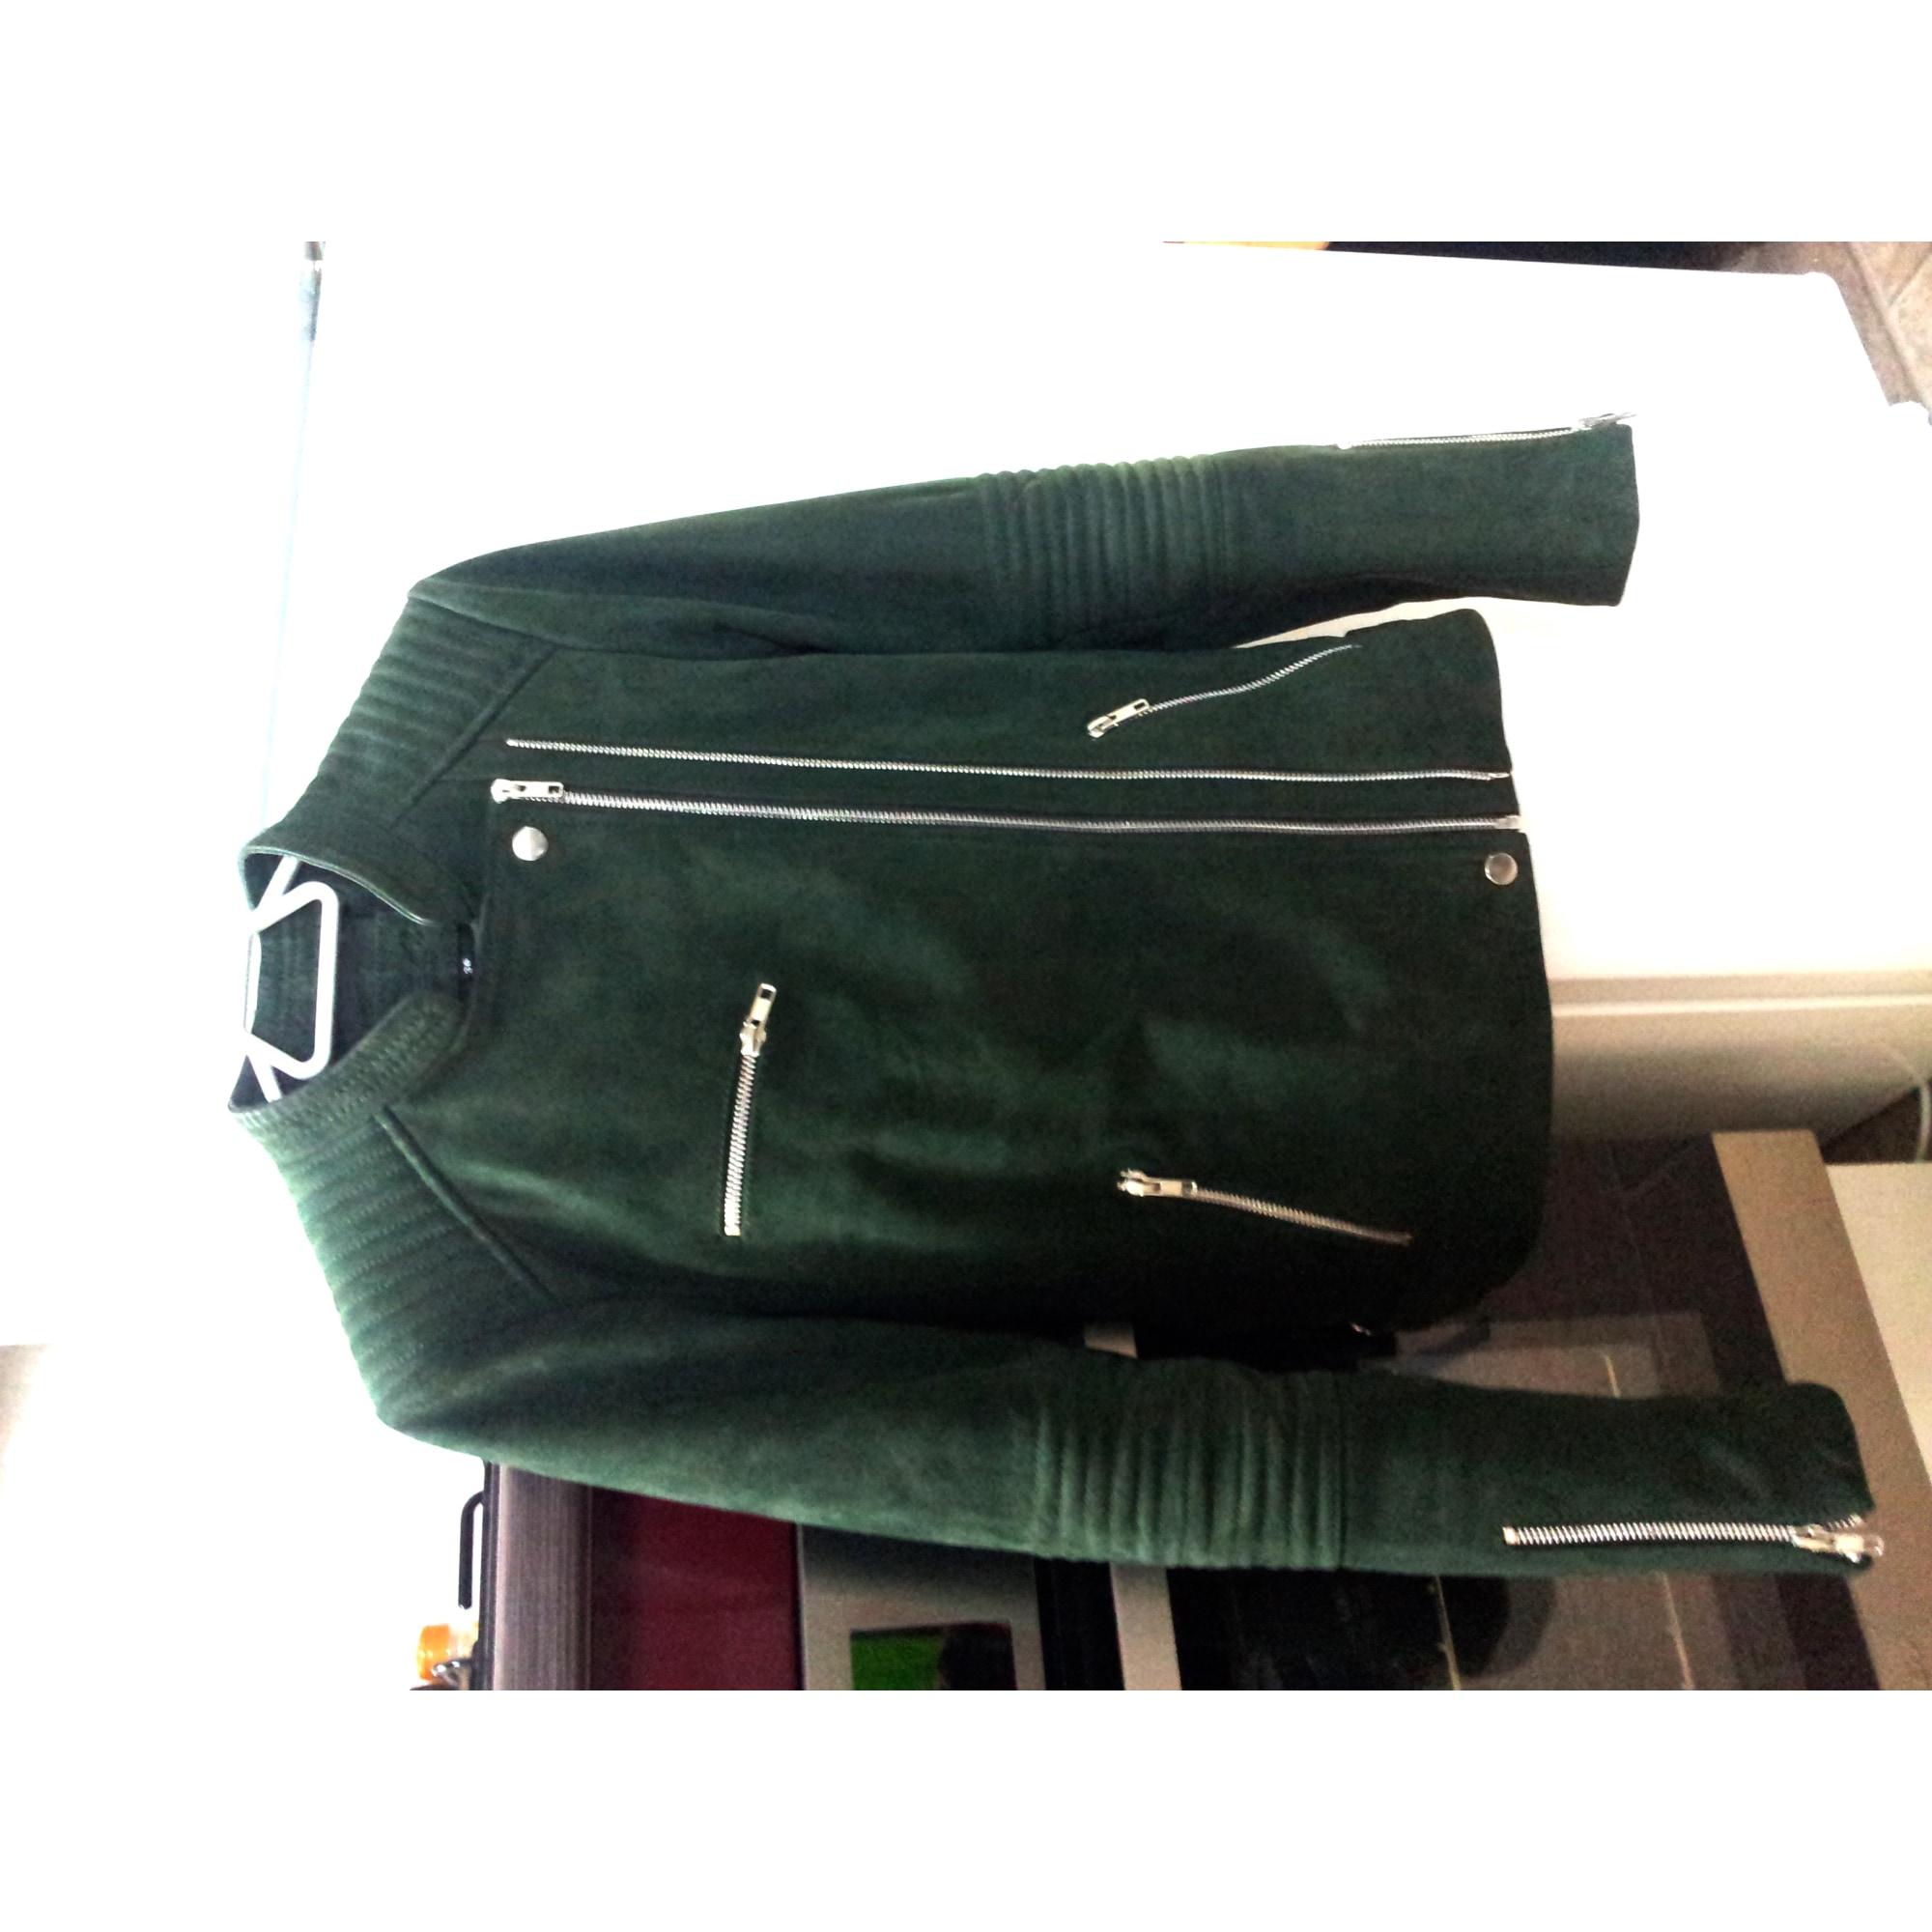 19c7e0c1c857 Veste en cuir CAROLL 36 (S, T1) vert vendu par Julie.ch - 3941297